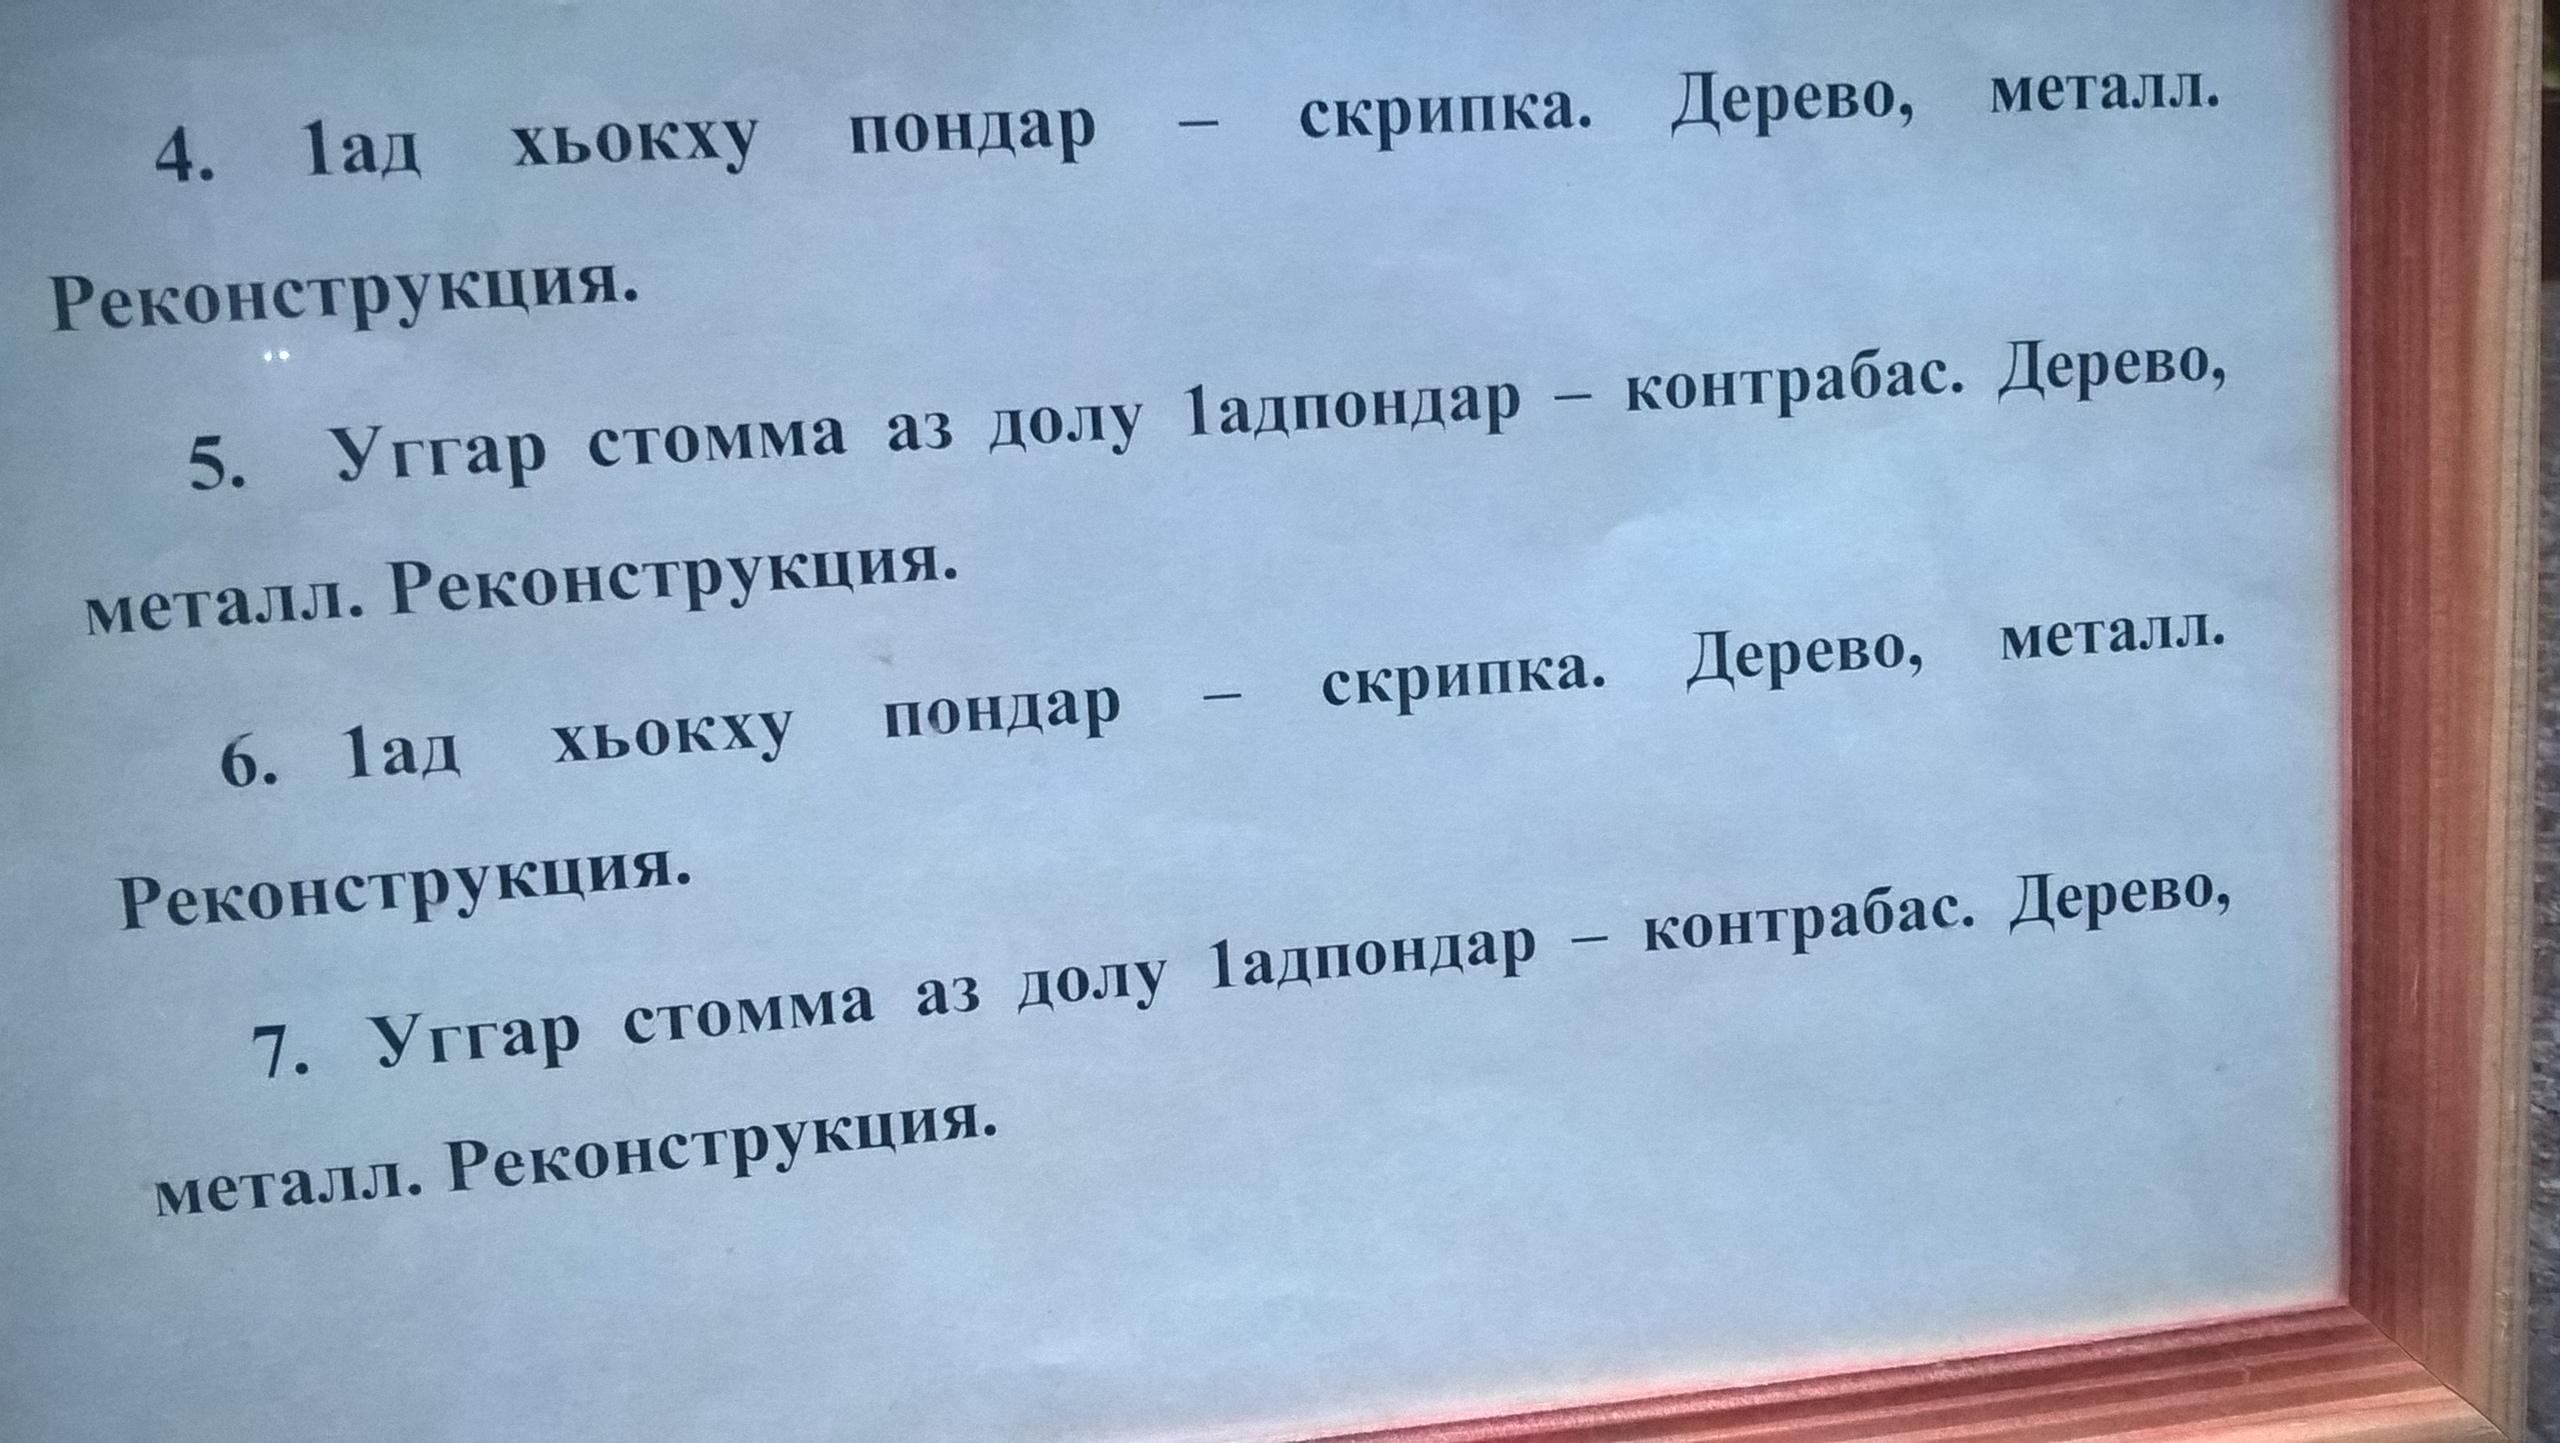 Чеченские названия традиционных музыкальных инструментов